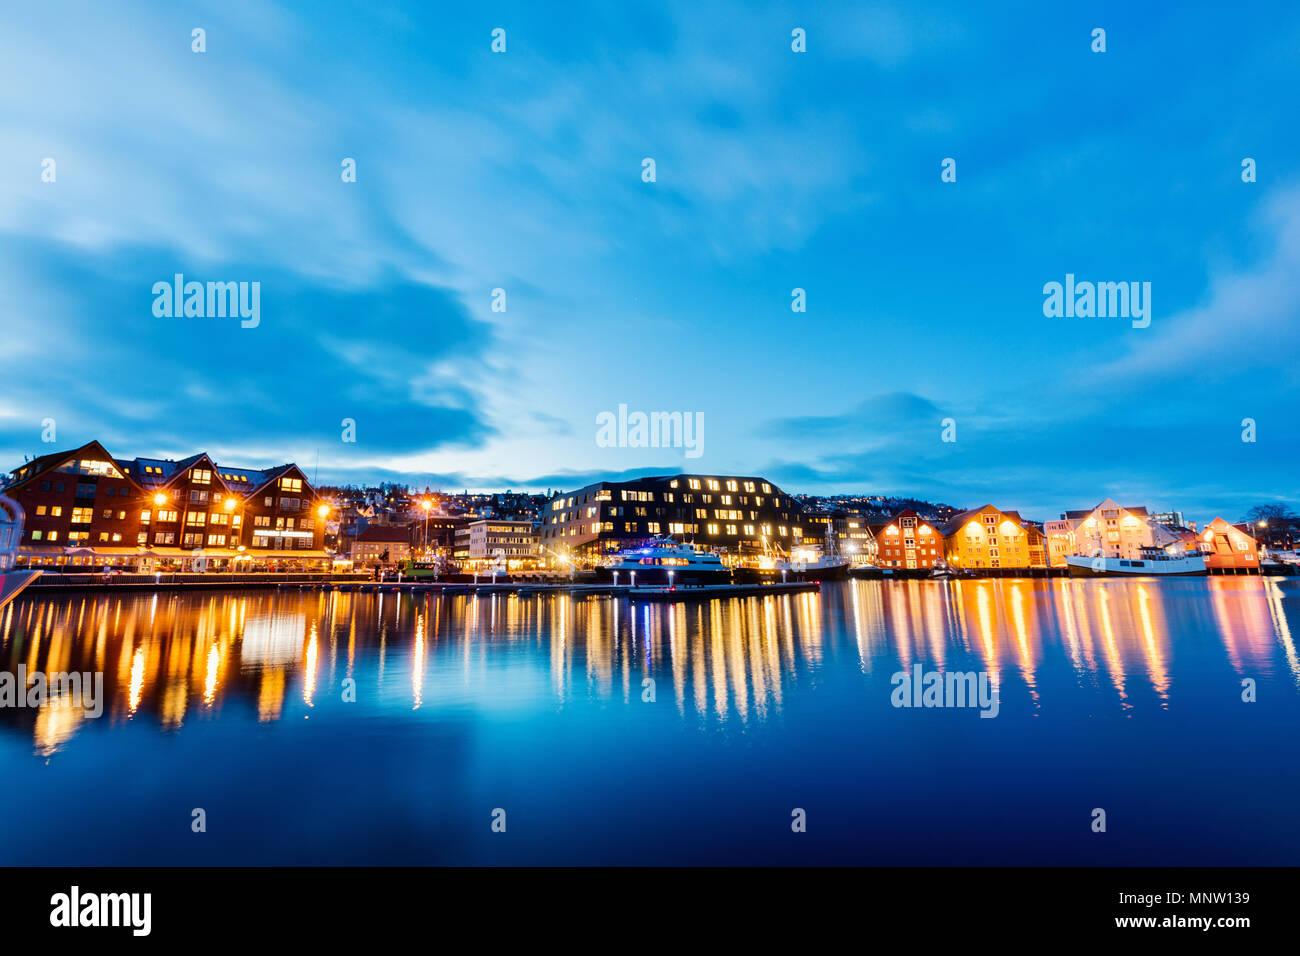 Splendida cittadina di Tromso in Norvegia settentrionale al crepuscolo al crepuscolo Foto Stock